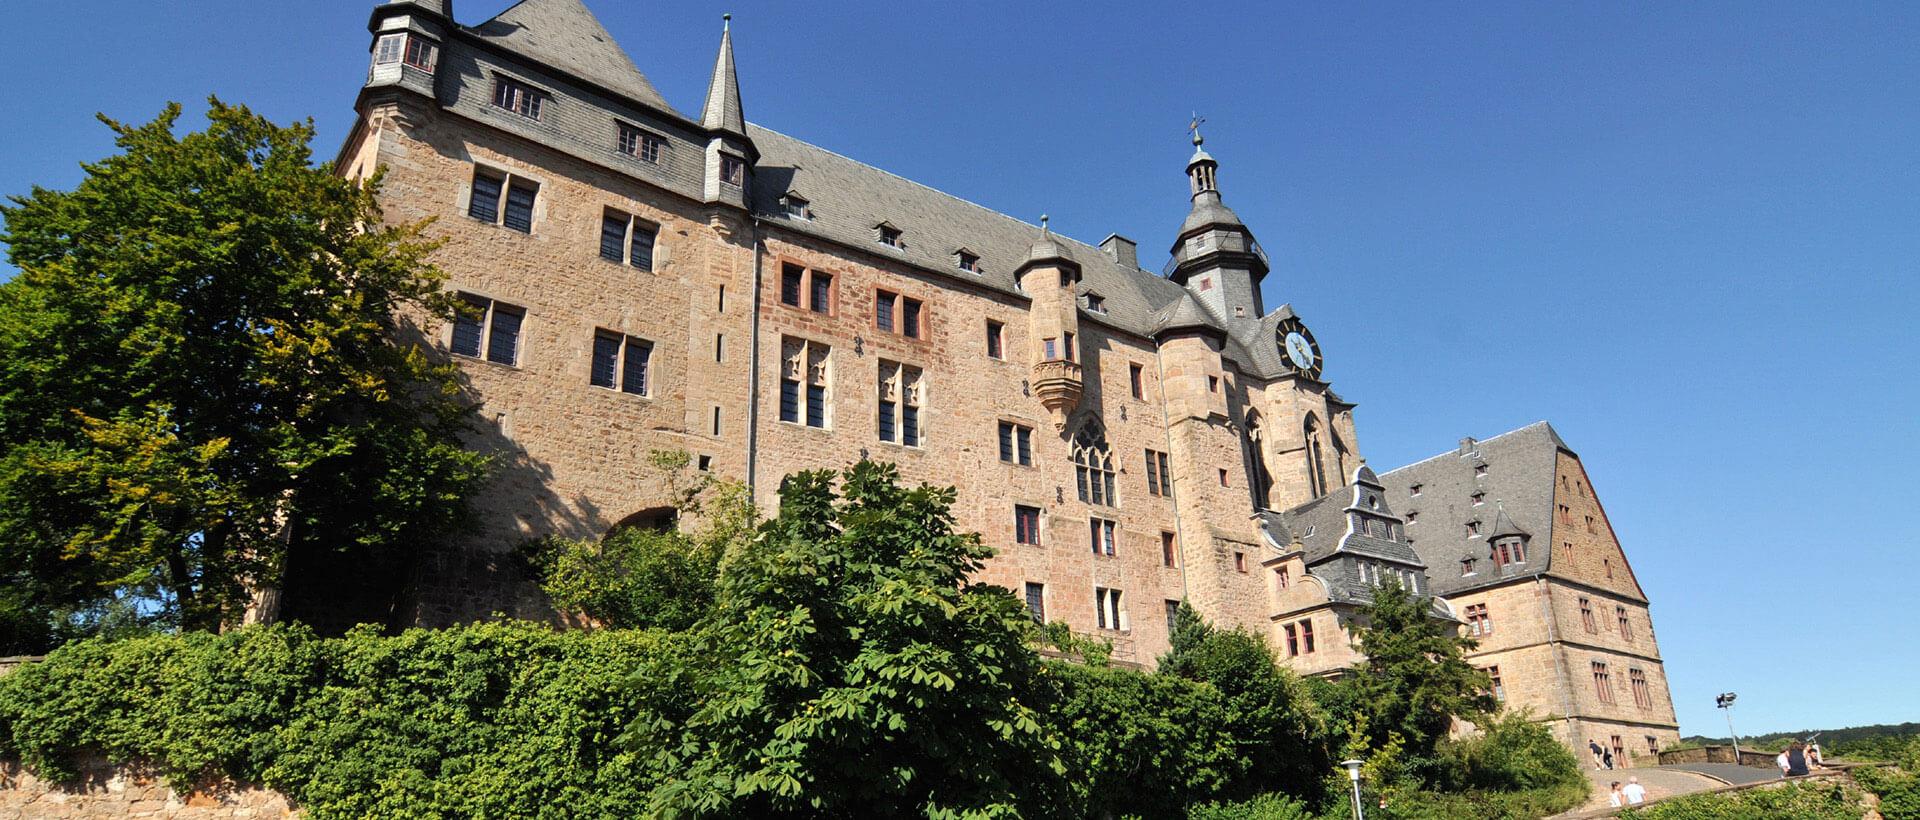 Die Marburger Oberstadt mit dem Landgrafenschloss, Credit Georg Kronenberg